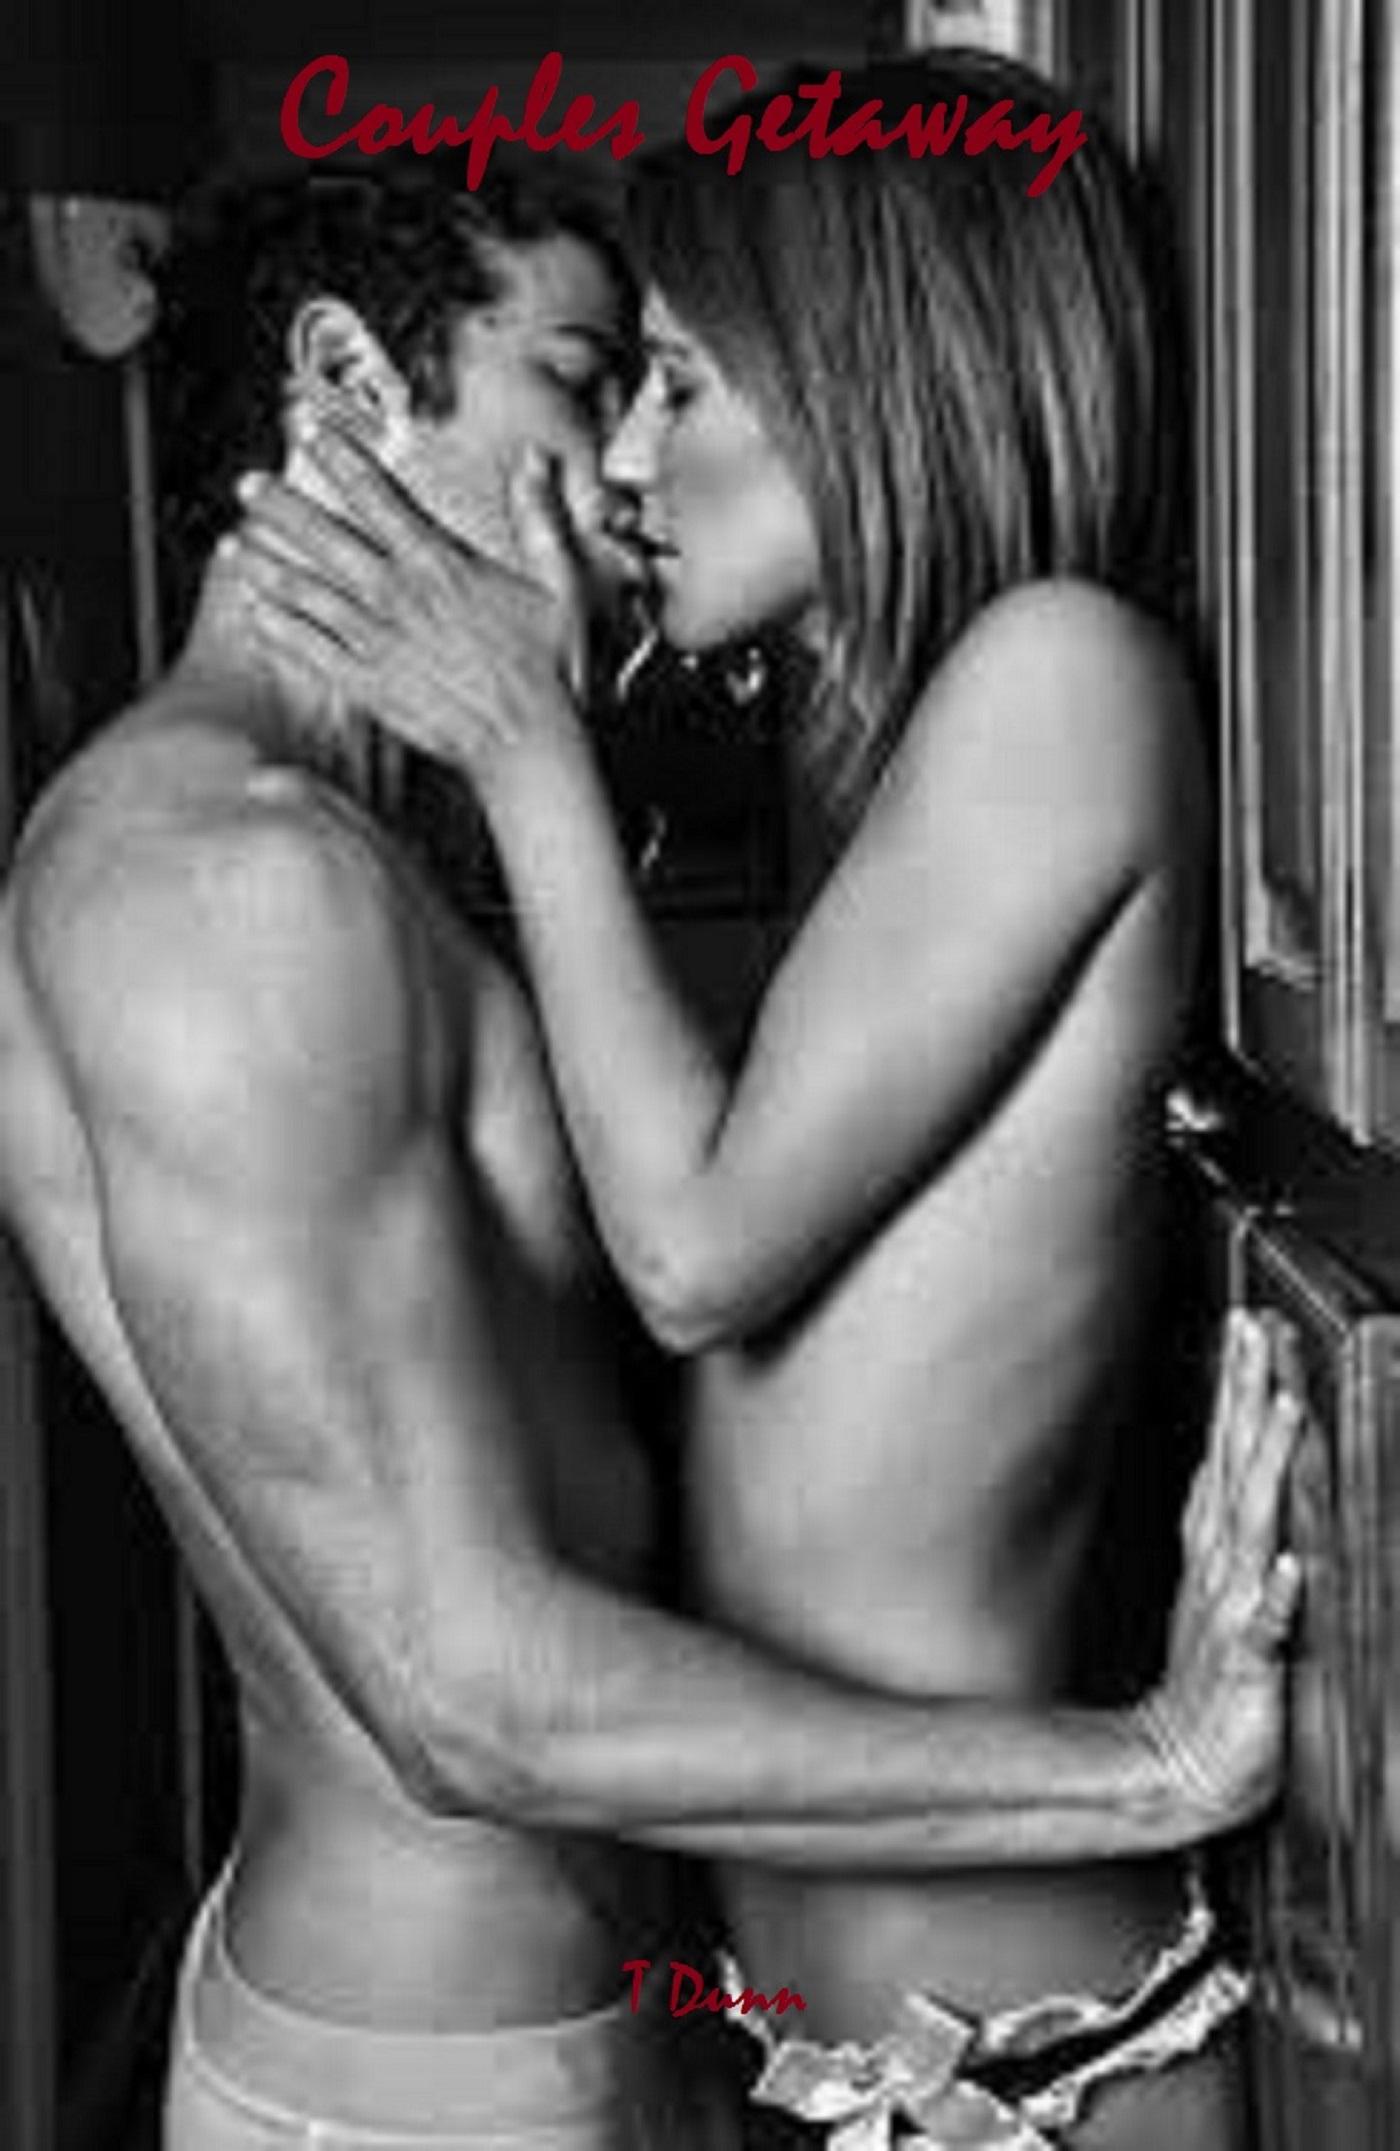 Фото сексуальная страсть мужчины к женщине 17 фотография